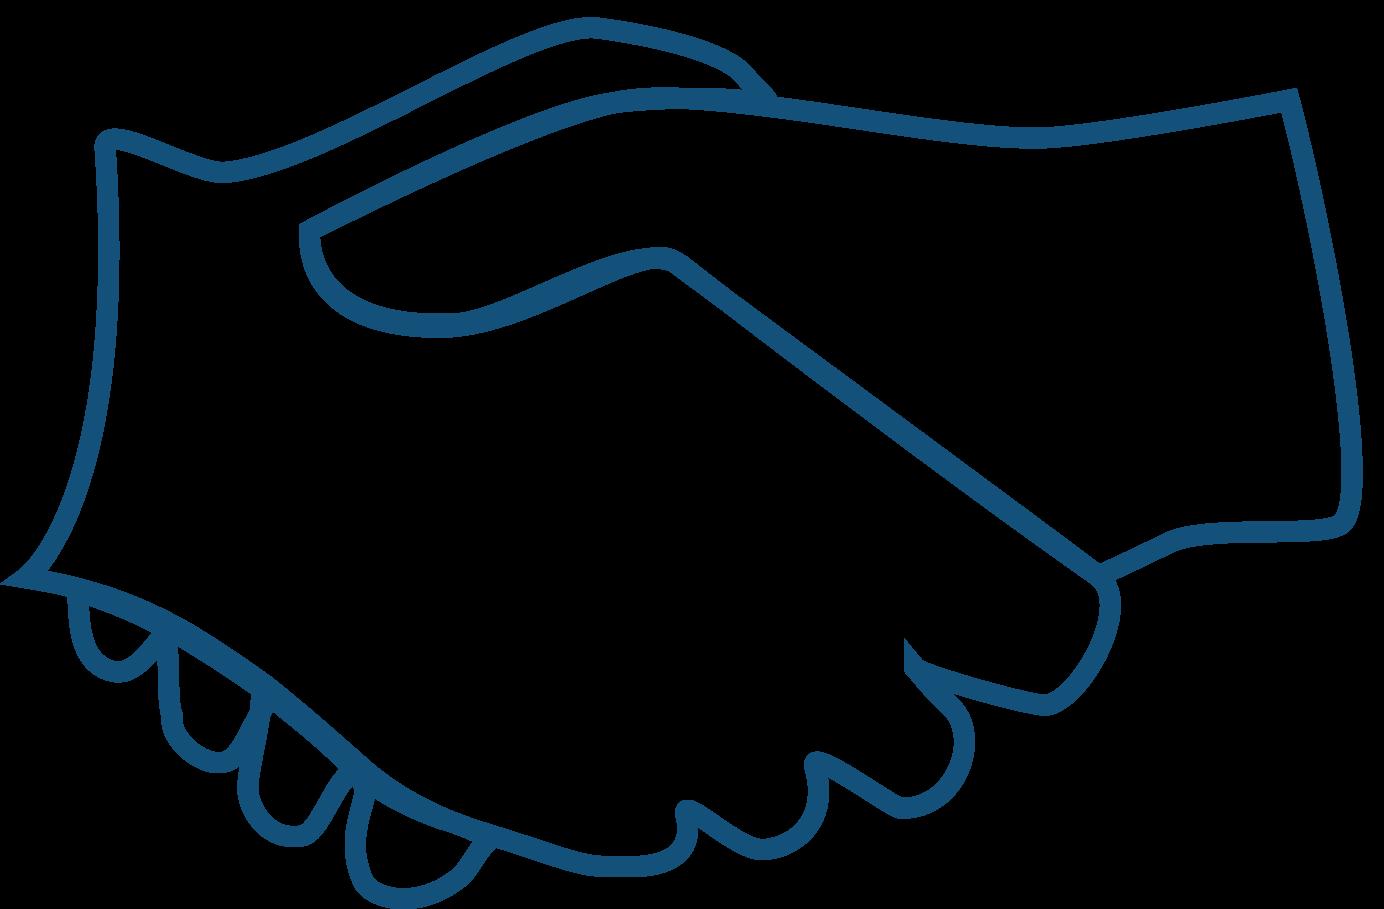 Handshake Outline.png